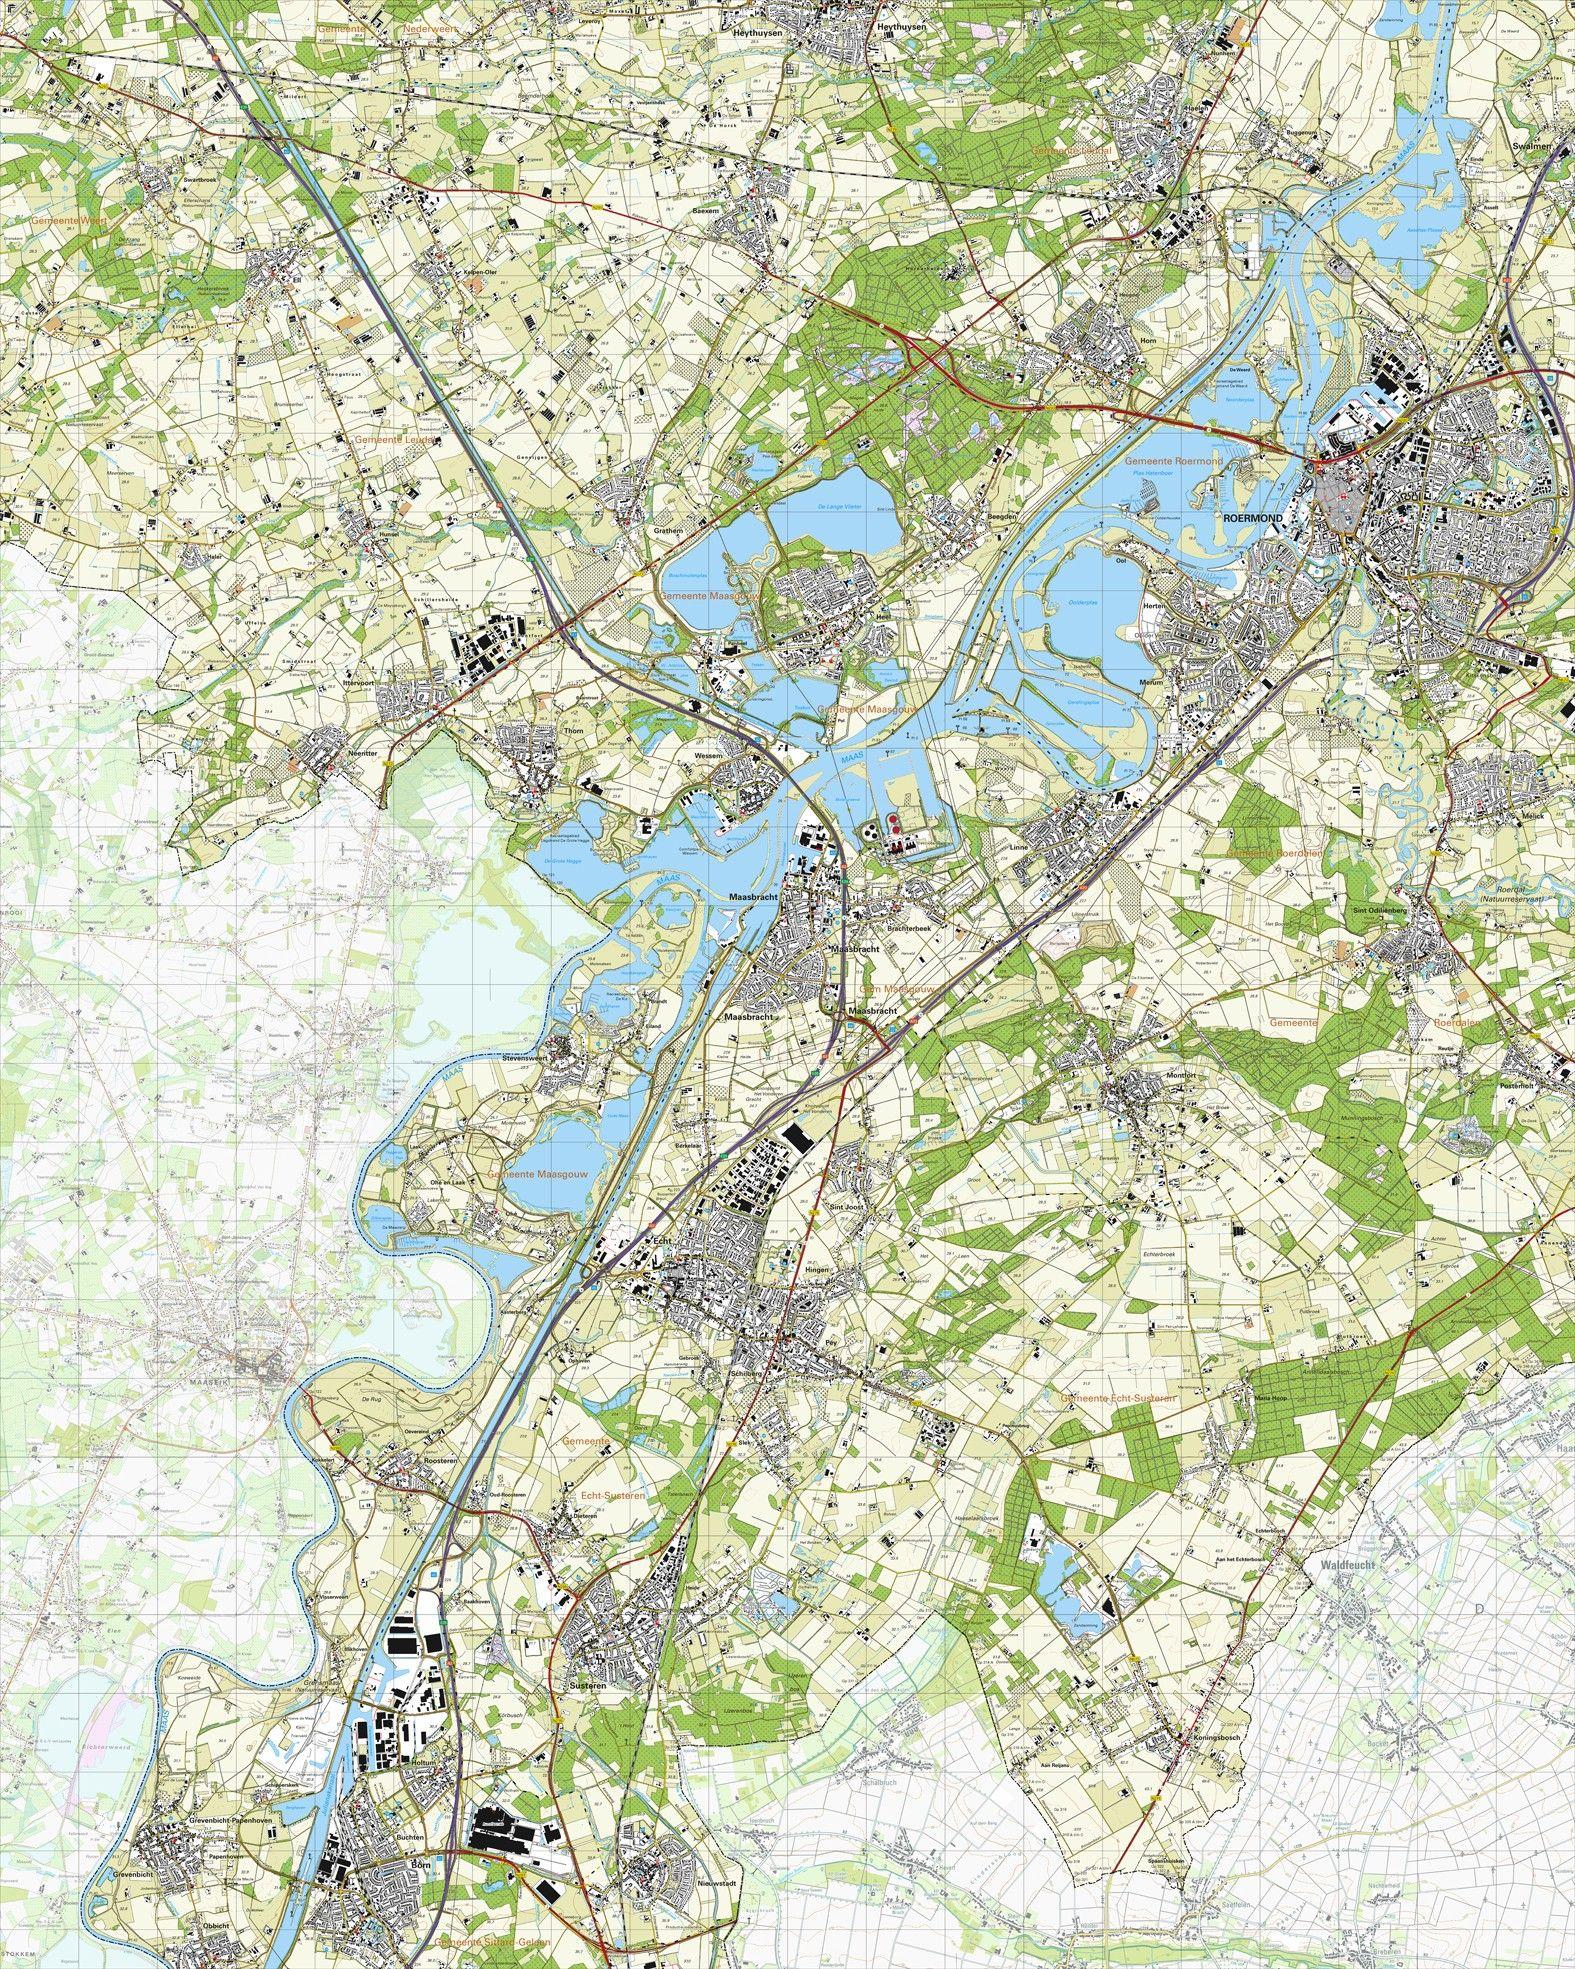 Topografische kaart schaal 1:25.000 (Roermond, Maasbracht, Echt, Susteren, Born)